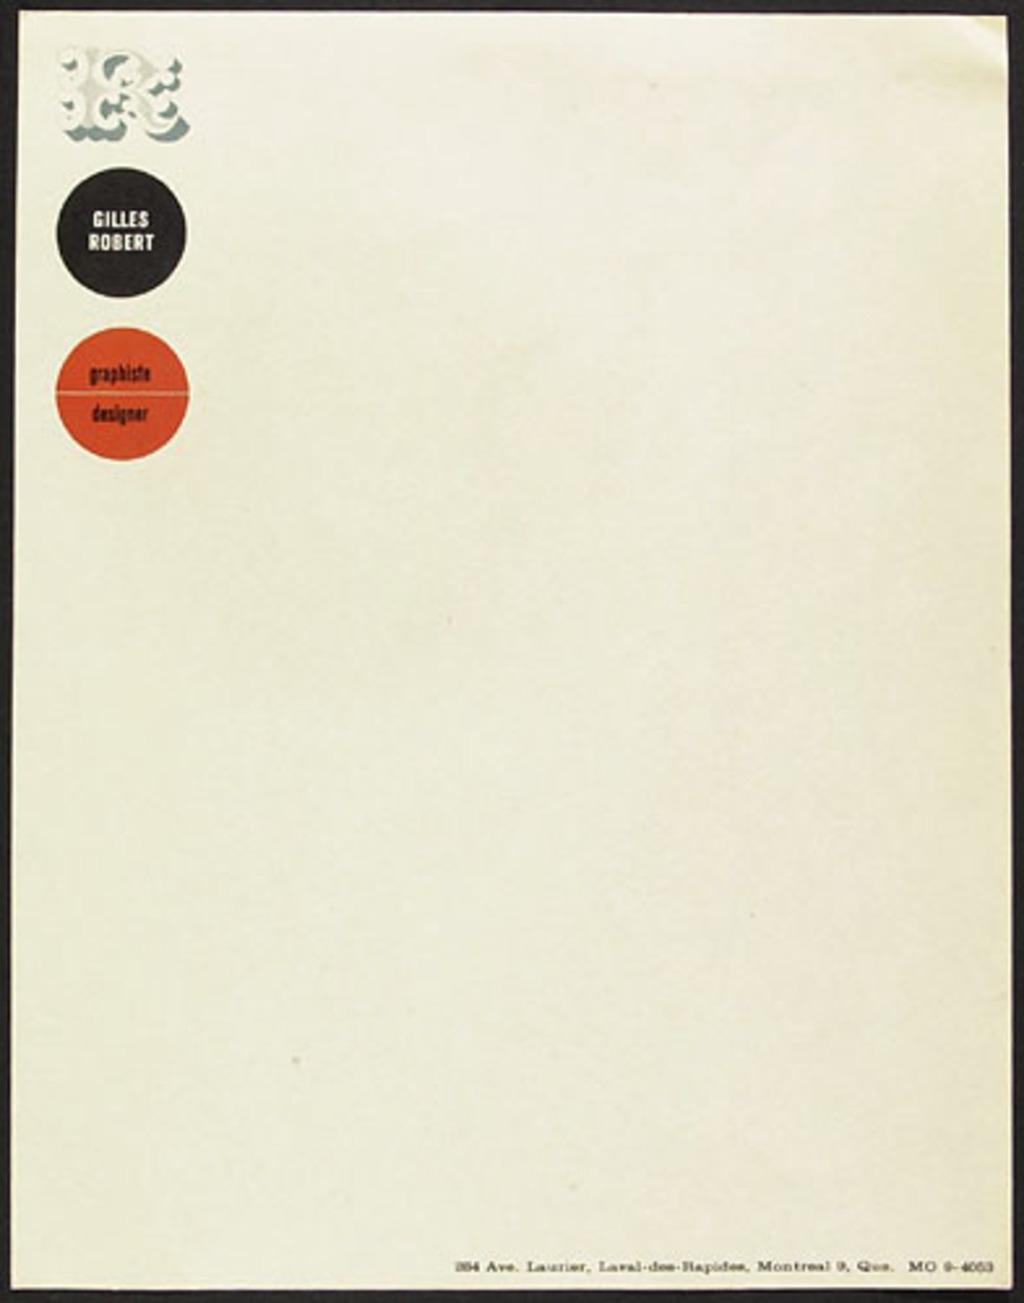 Papier en-tête pour Gilles Robert graphiste designer